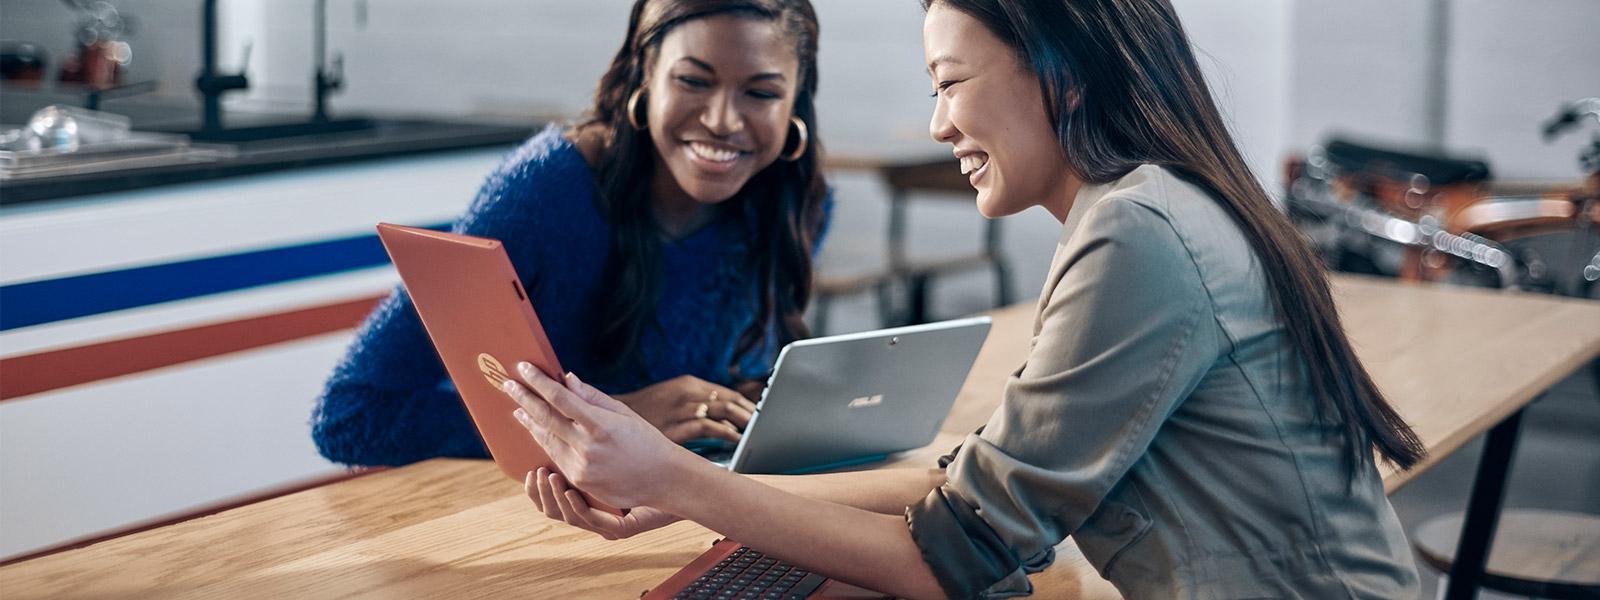 Dwie kobiety siedzą przy stole, patrząc na ekran tabletu. Pomaga im inna kobieta.